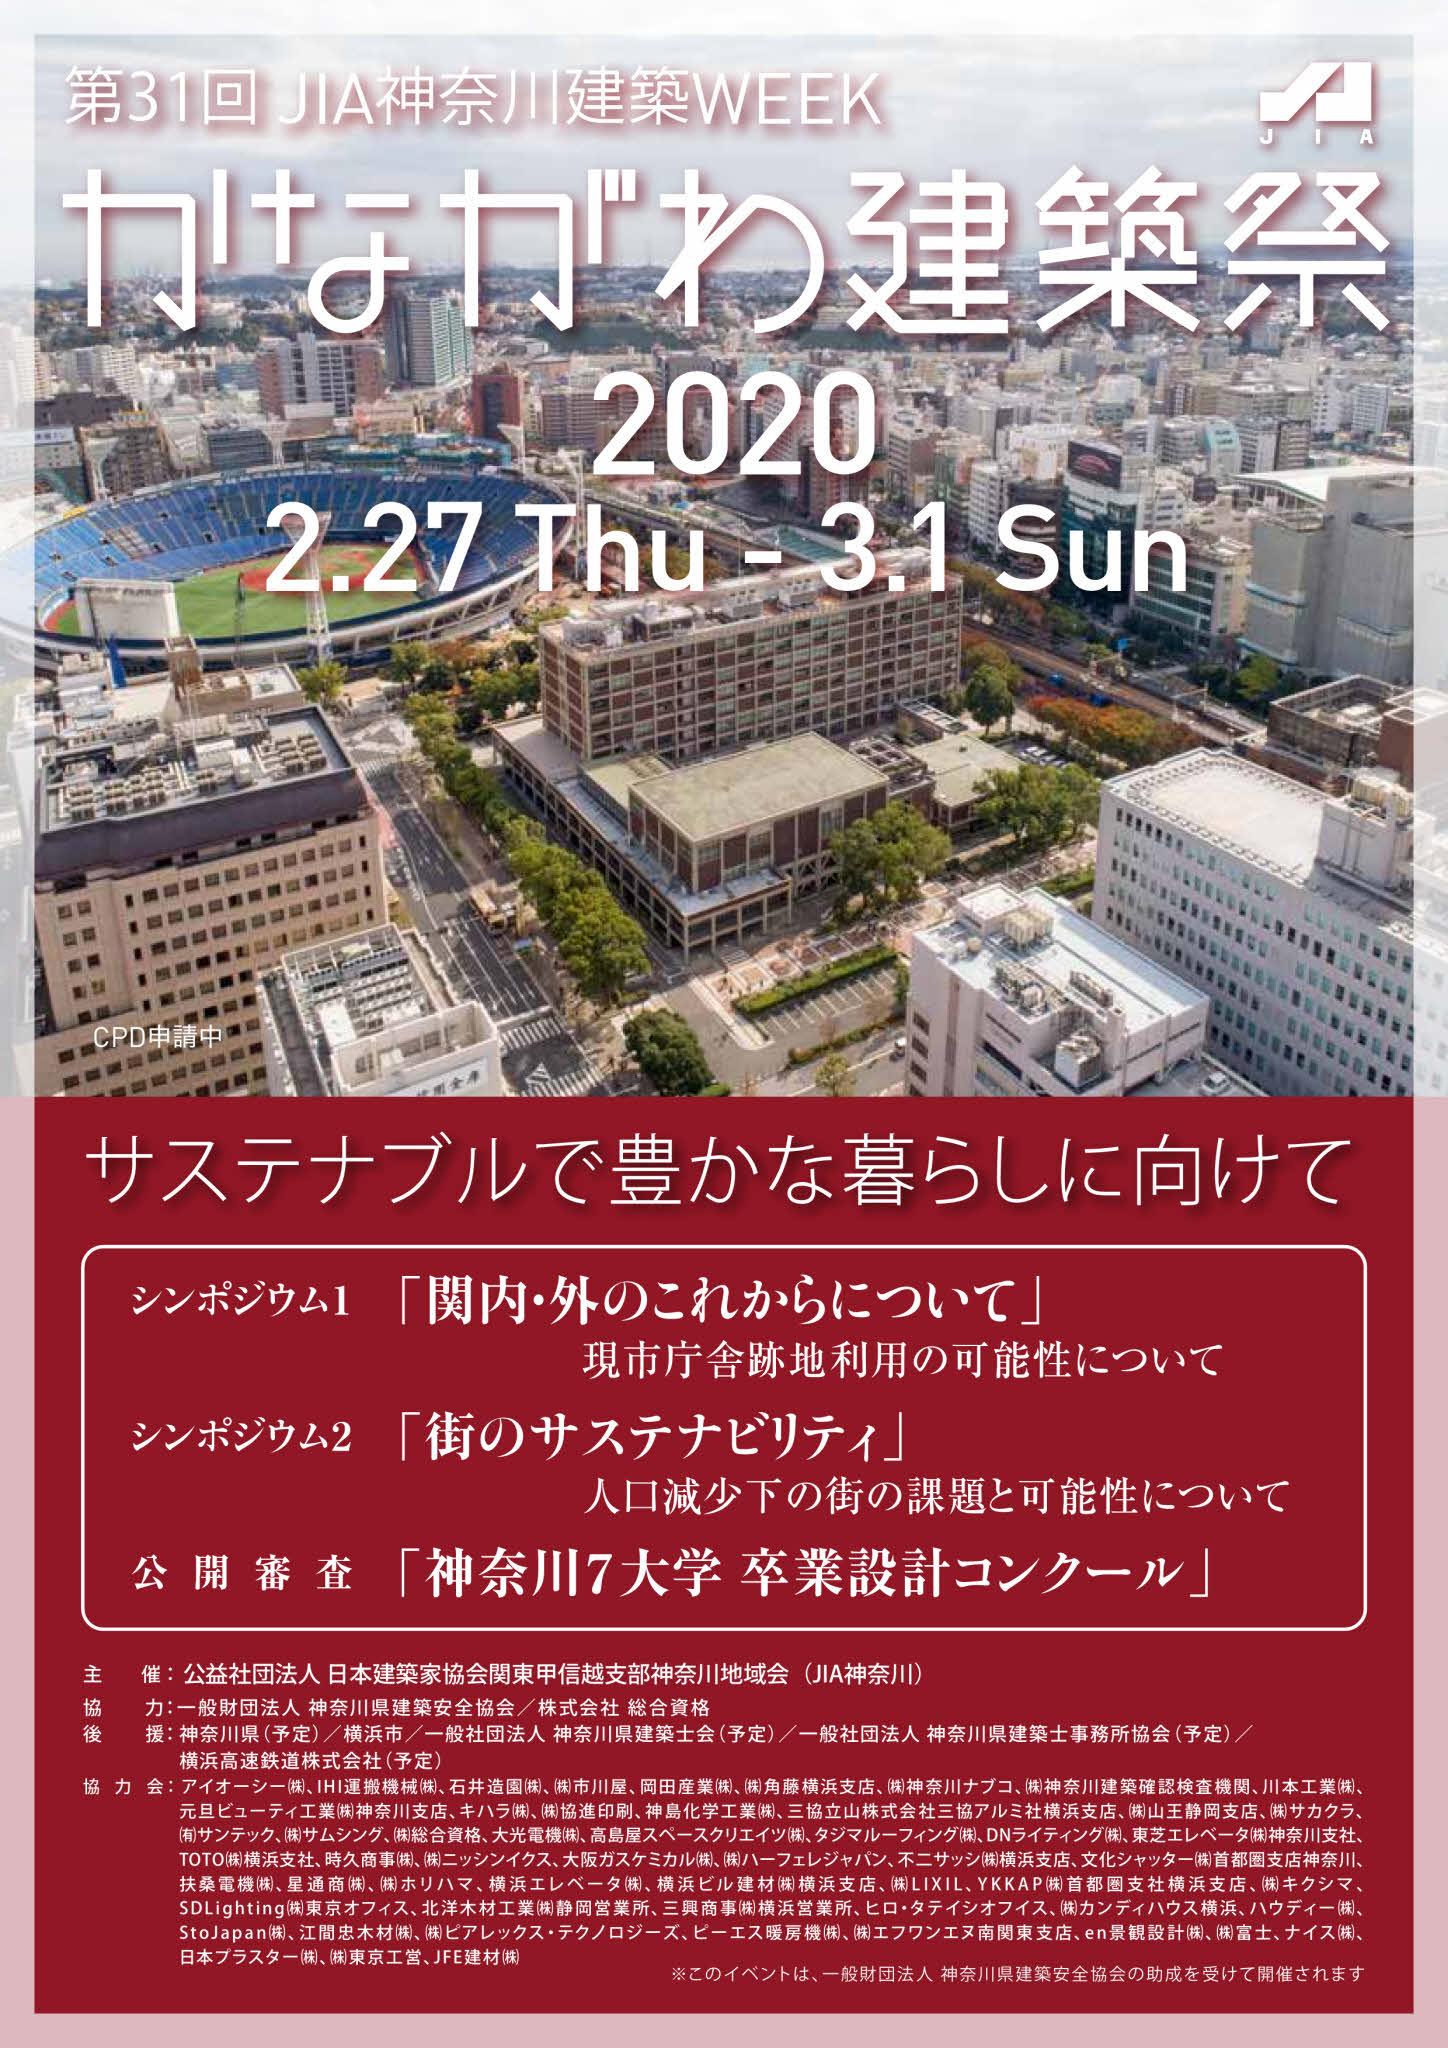 第31回JIA神奈川建築WEEK かながわ建築祭2020 「サステナブルで豊かな暮らしに向けて」